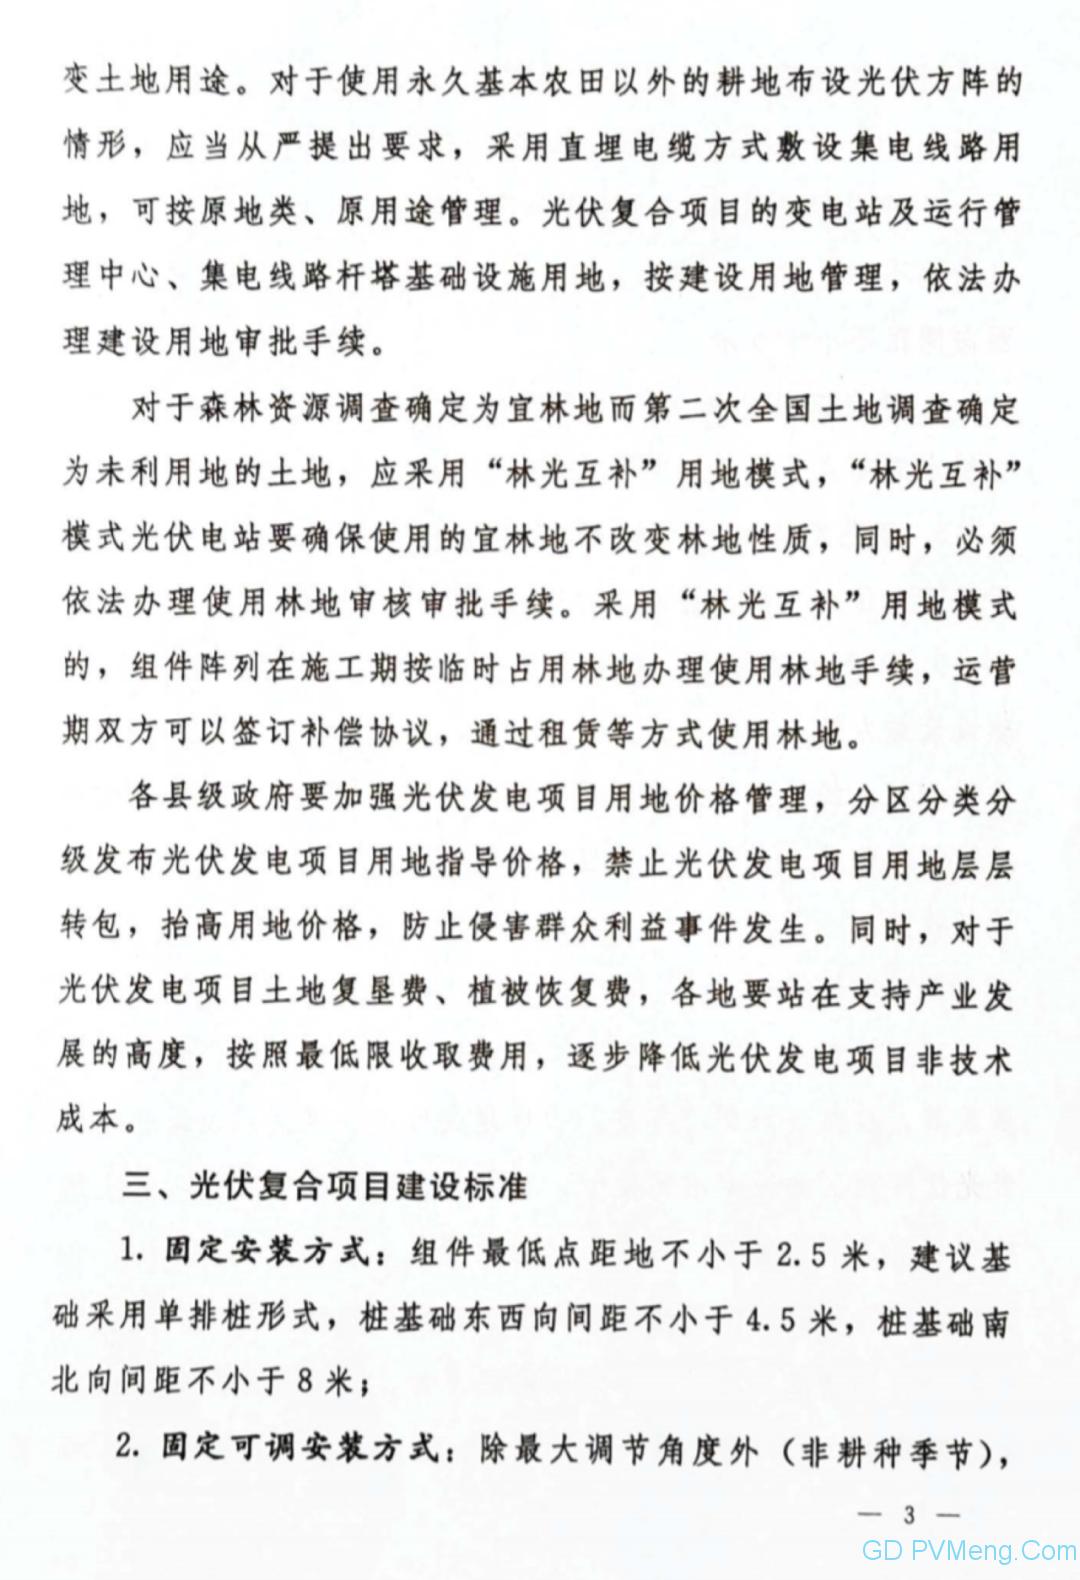 陕西发改委、自然资源厅关于规范光伏复合项目用地管理的通知(陕发改能新能源〔2020〕933号)20200708